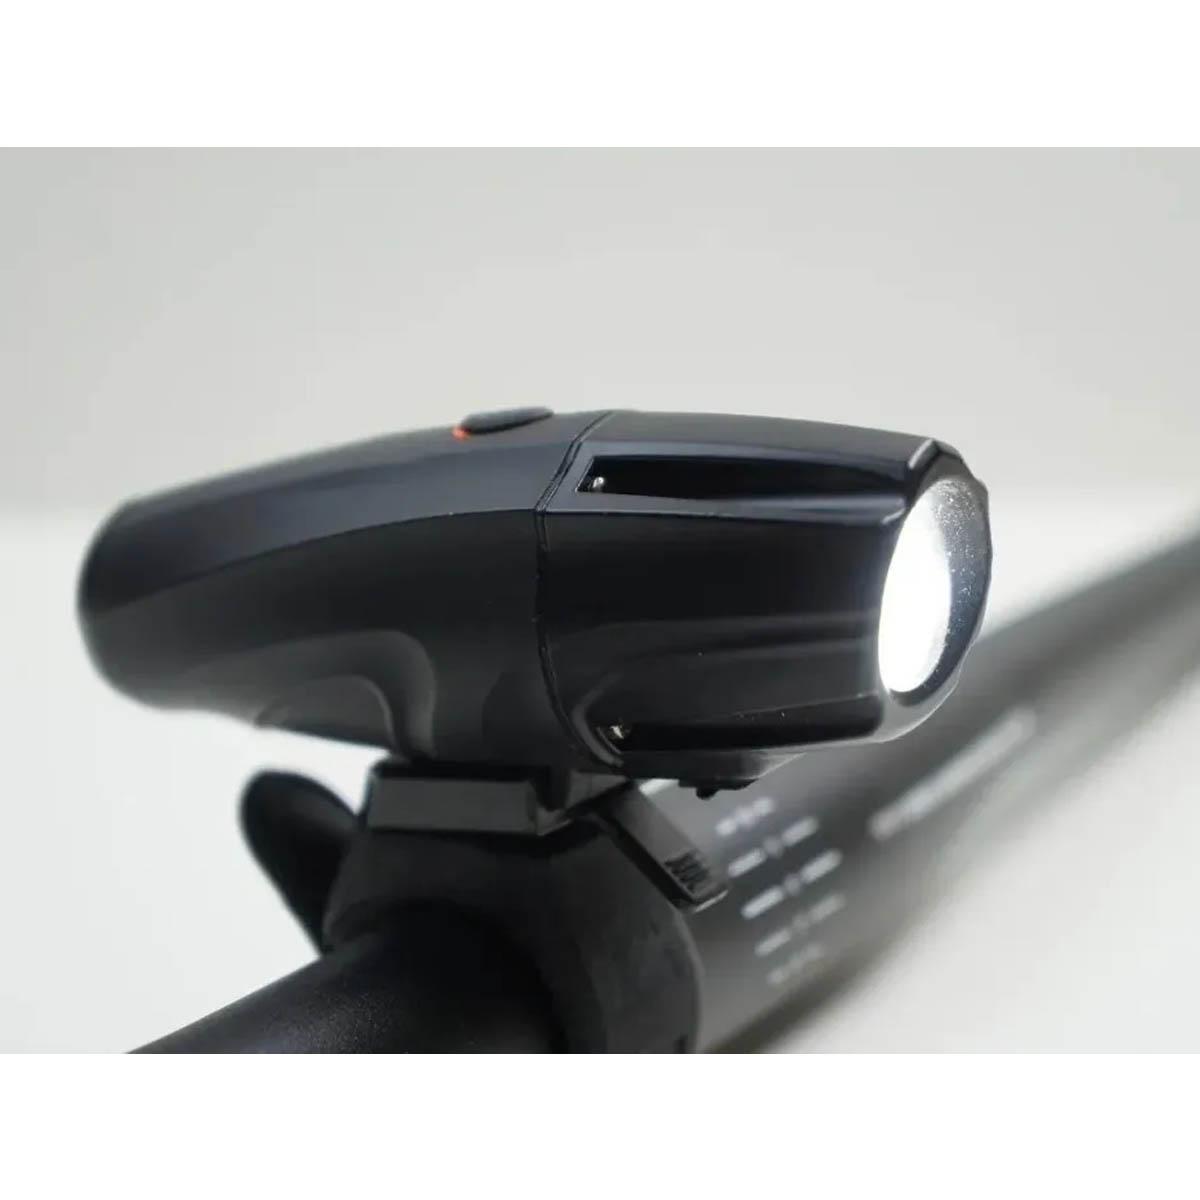 FAROL DIANTEIRO ABOLUTE JY-7026 PRETO COM LED 1000 LUMENS CARGA VIA USB - ISP